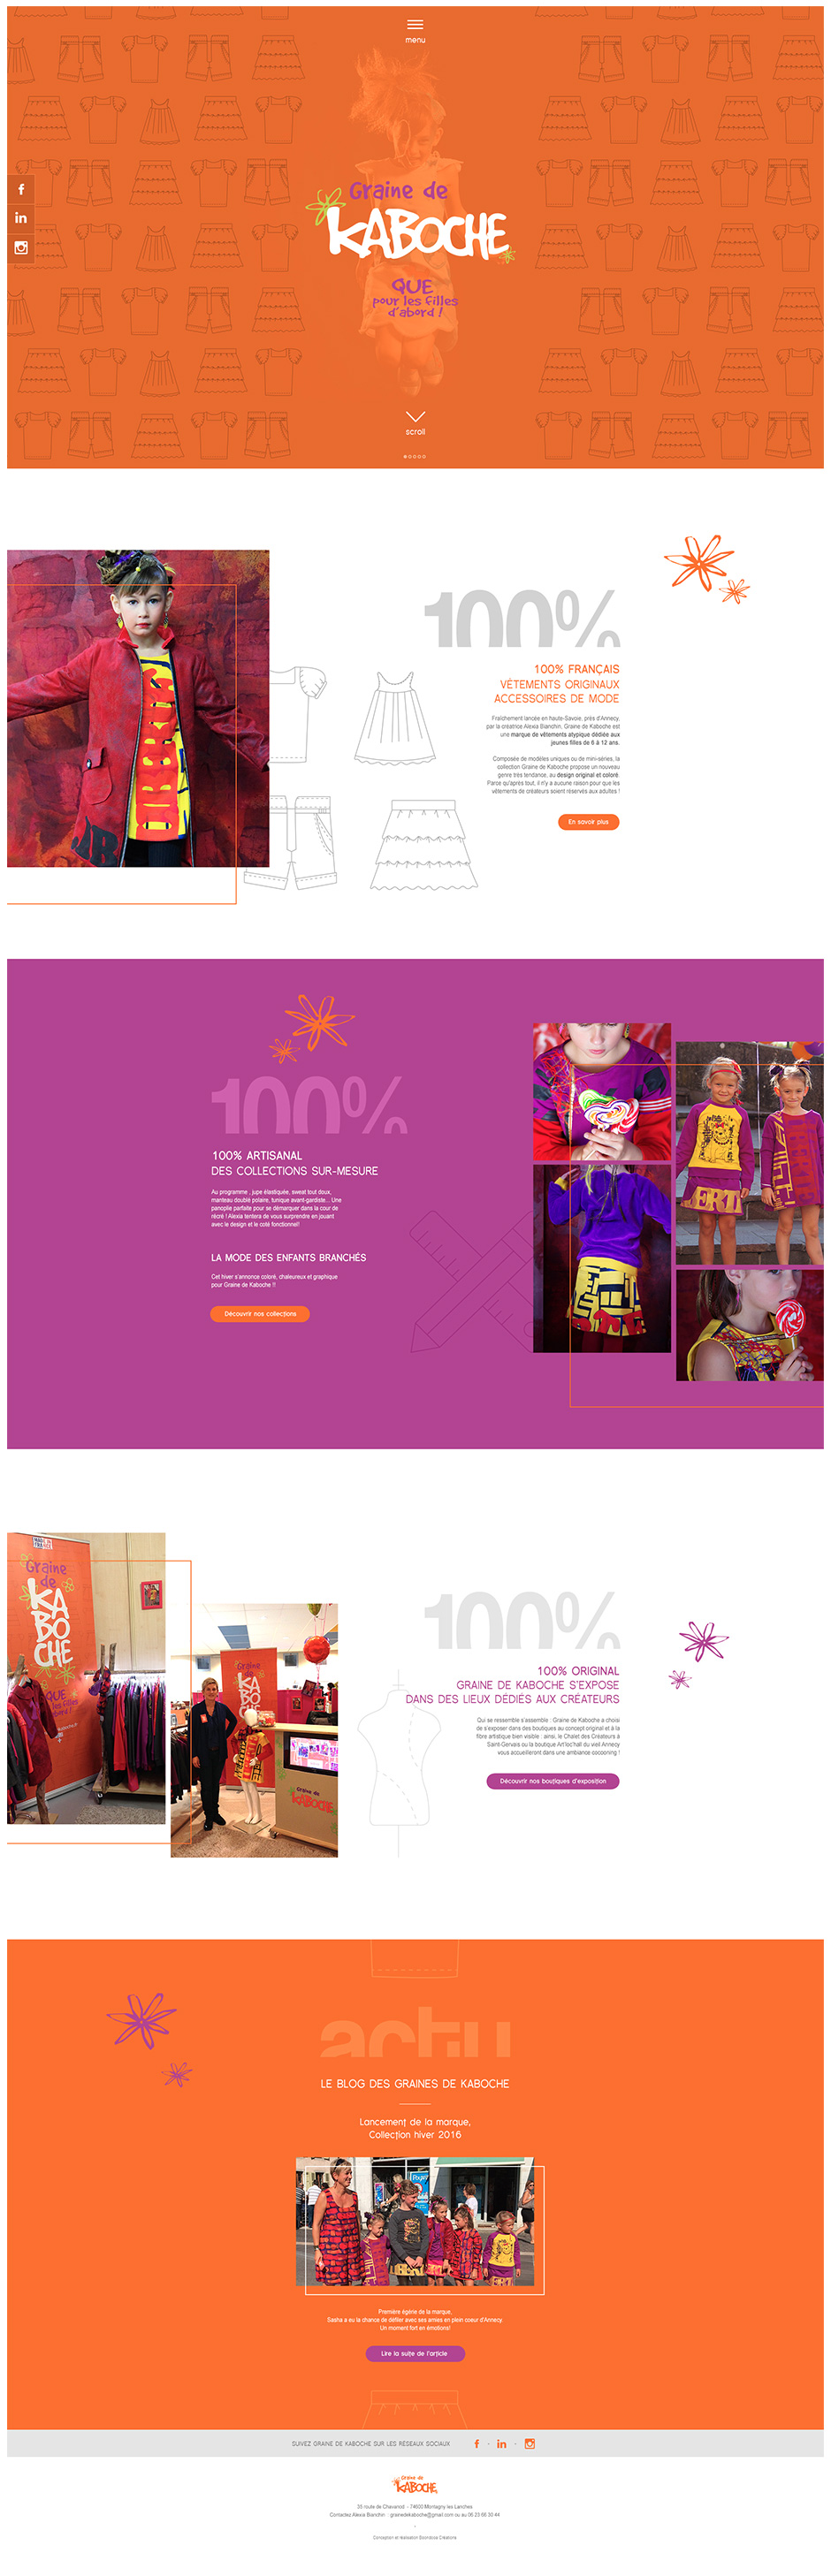 Homepage site Graine de Kaboche